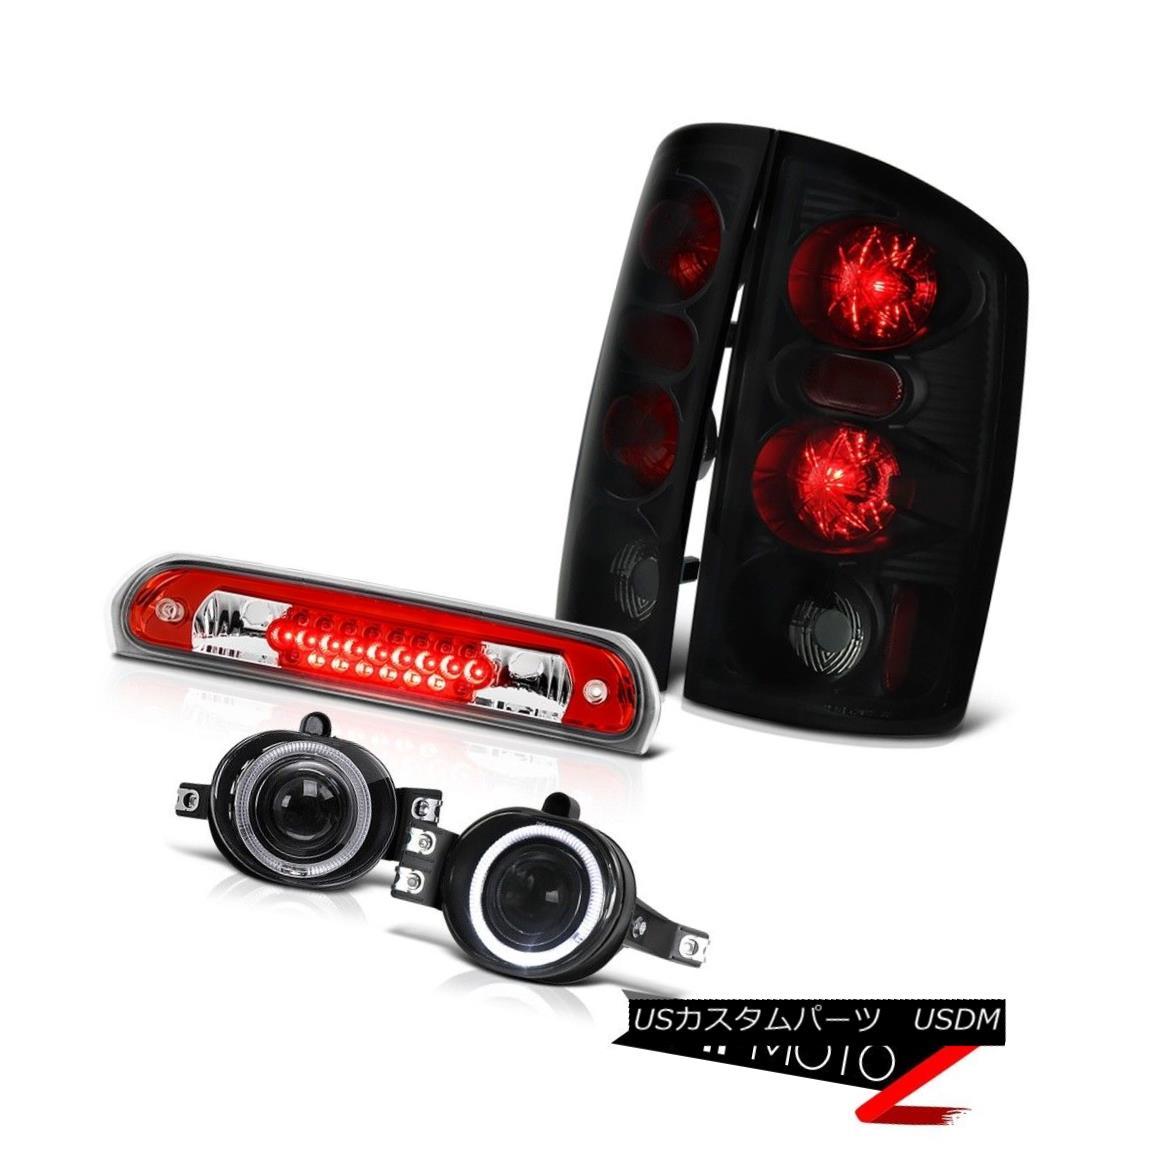 テールライト 2006 Dodge Ram 2500 Smoke+Black Brake Tail Lights Projector Foglights Cargo LED 2006 Dodge Ram 2500 Smoke + BlackブレーキテールライトプロジェクターFoglights Cargo LED